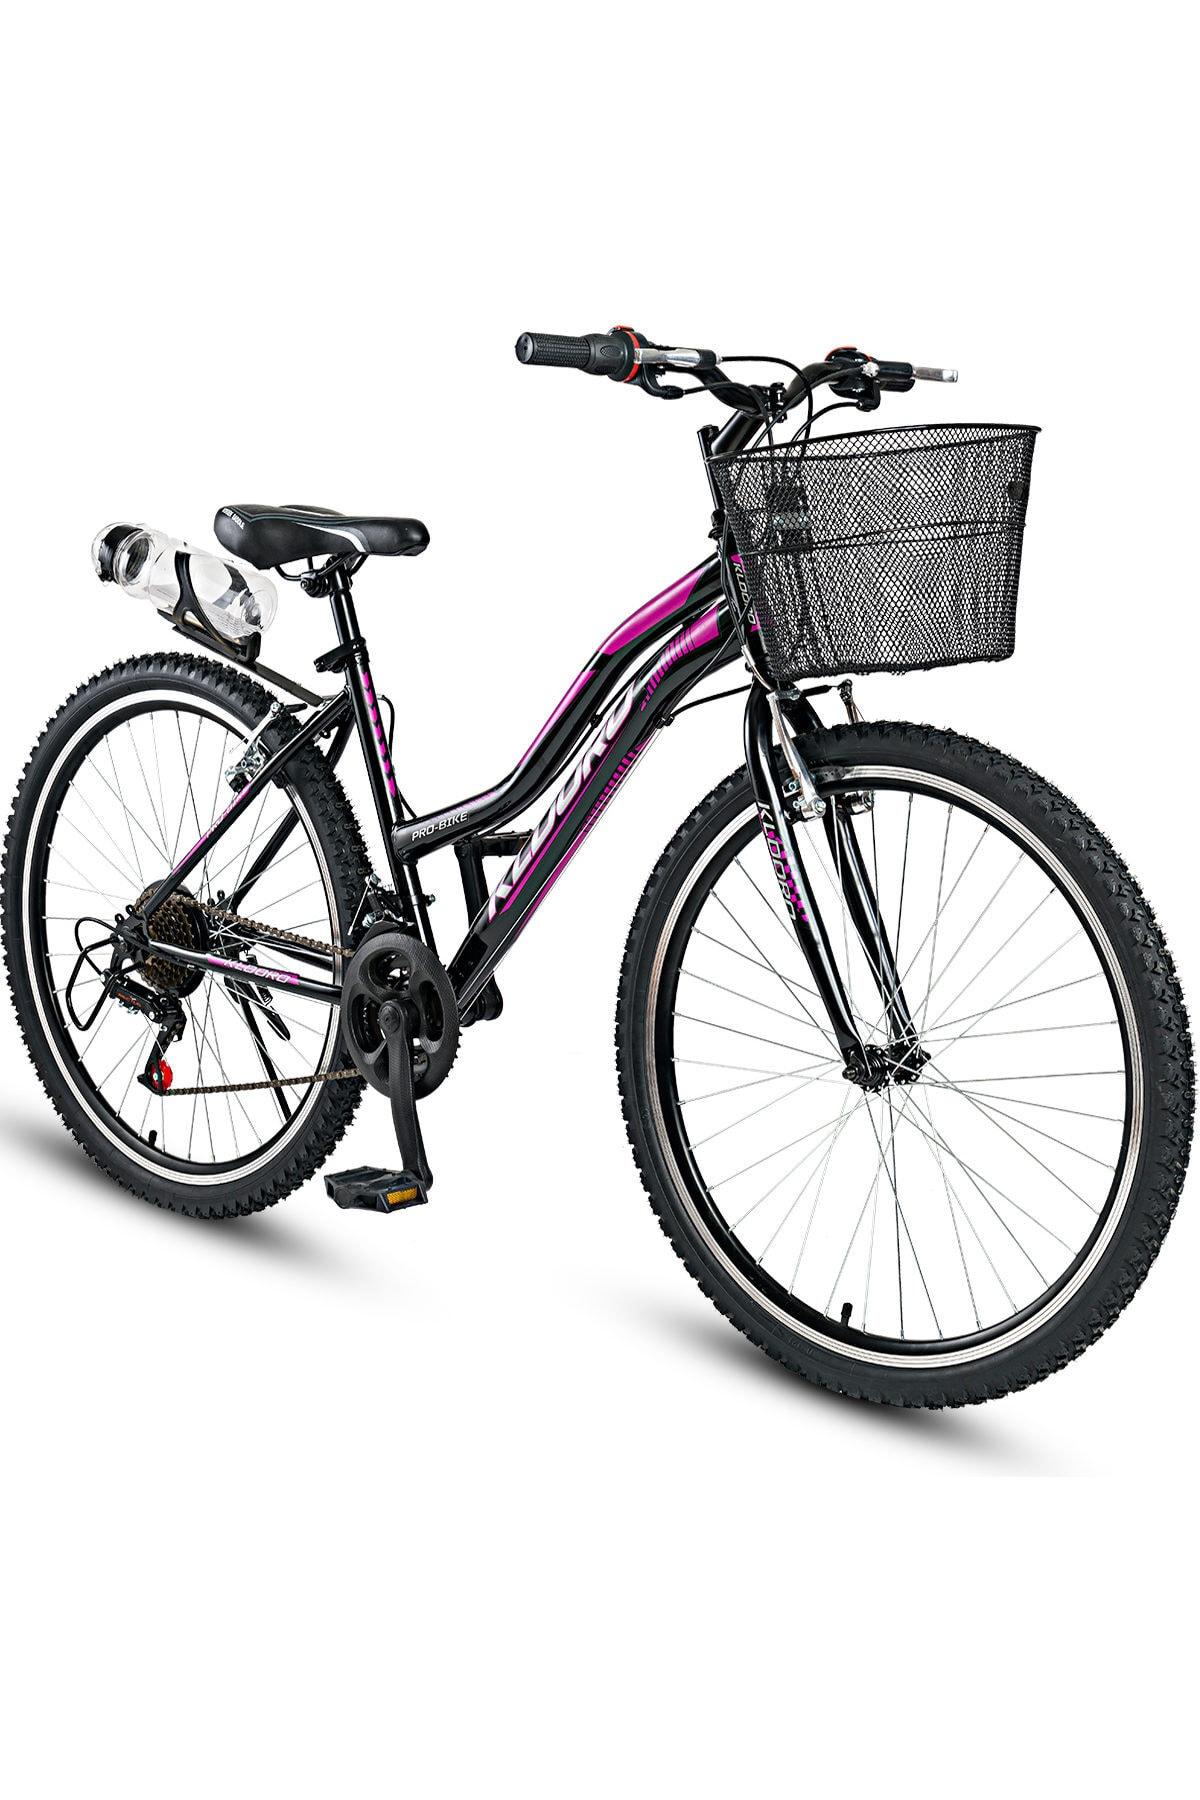 Kd-023 Spor 24 Jant Bisiklet 21 Vites Kız Dağ Bisikleti